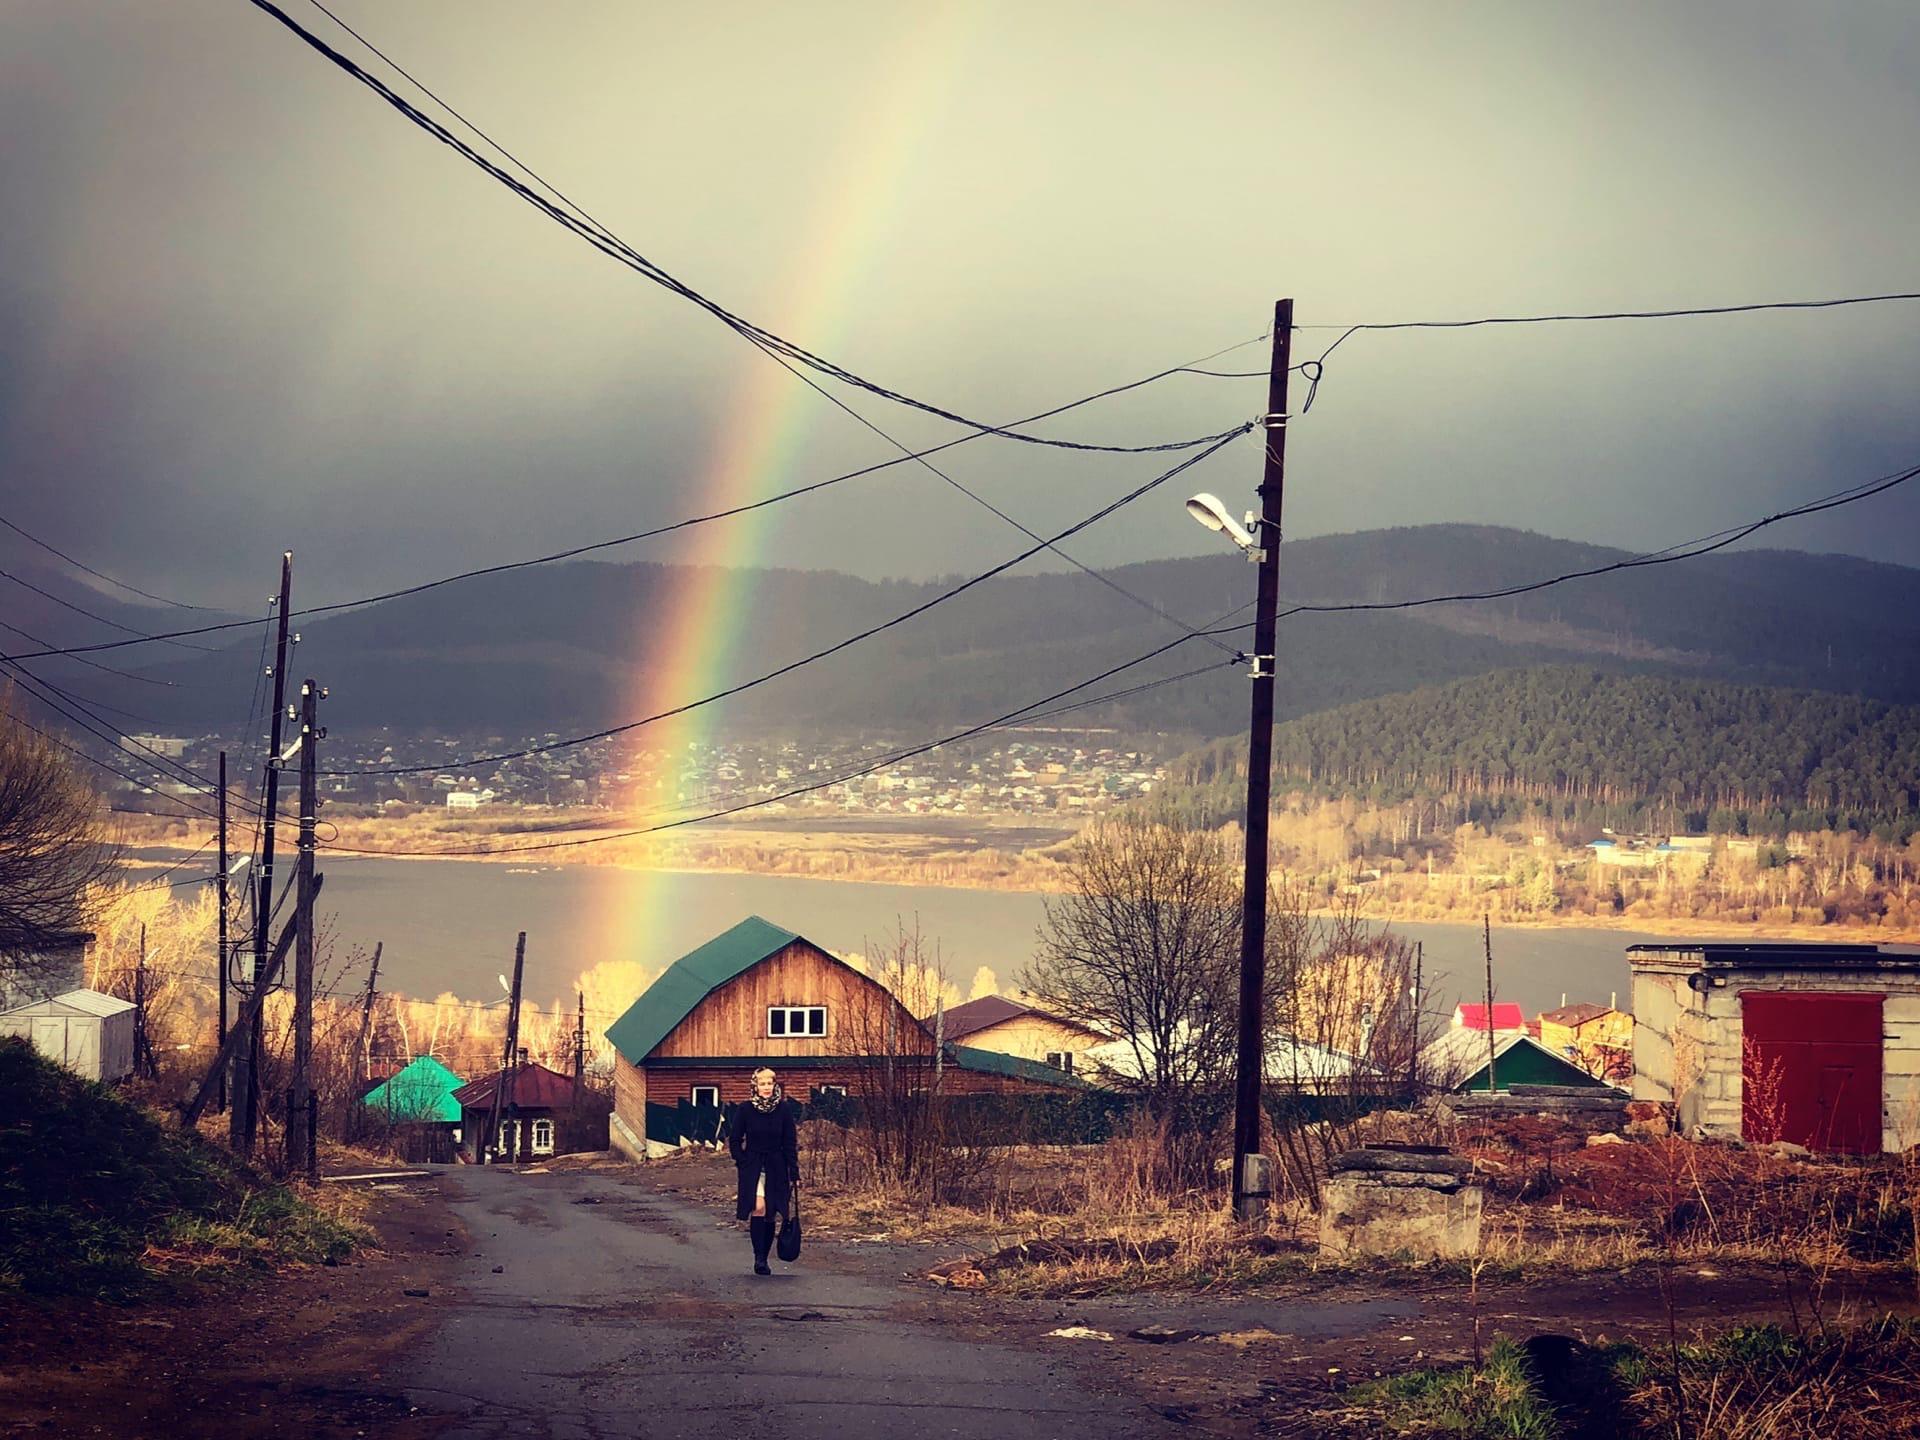 Подарок с небес: жители Челябинской области сфотографировали необычную радугу